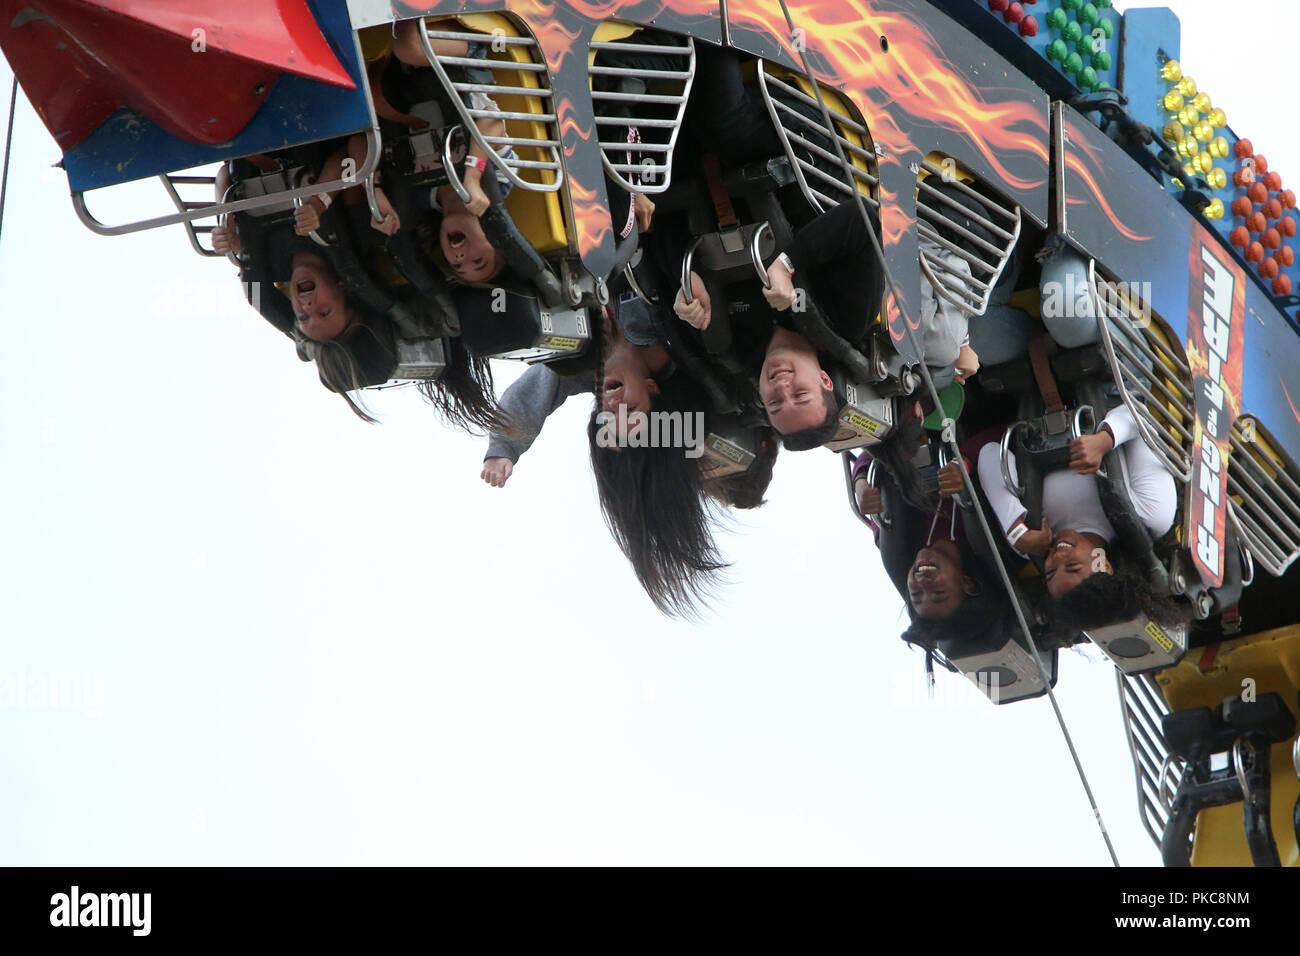 Annual Fair Stock Photos & Annual Fair Stock Images - Alamy